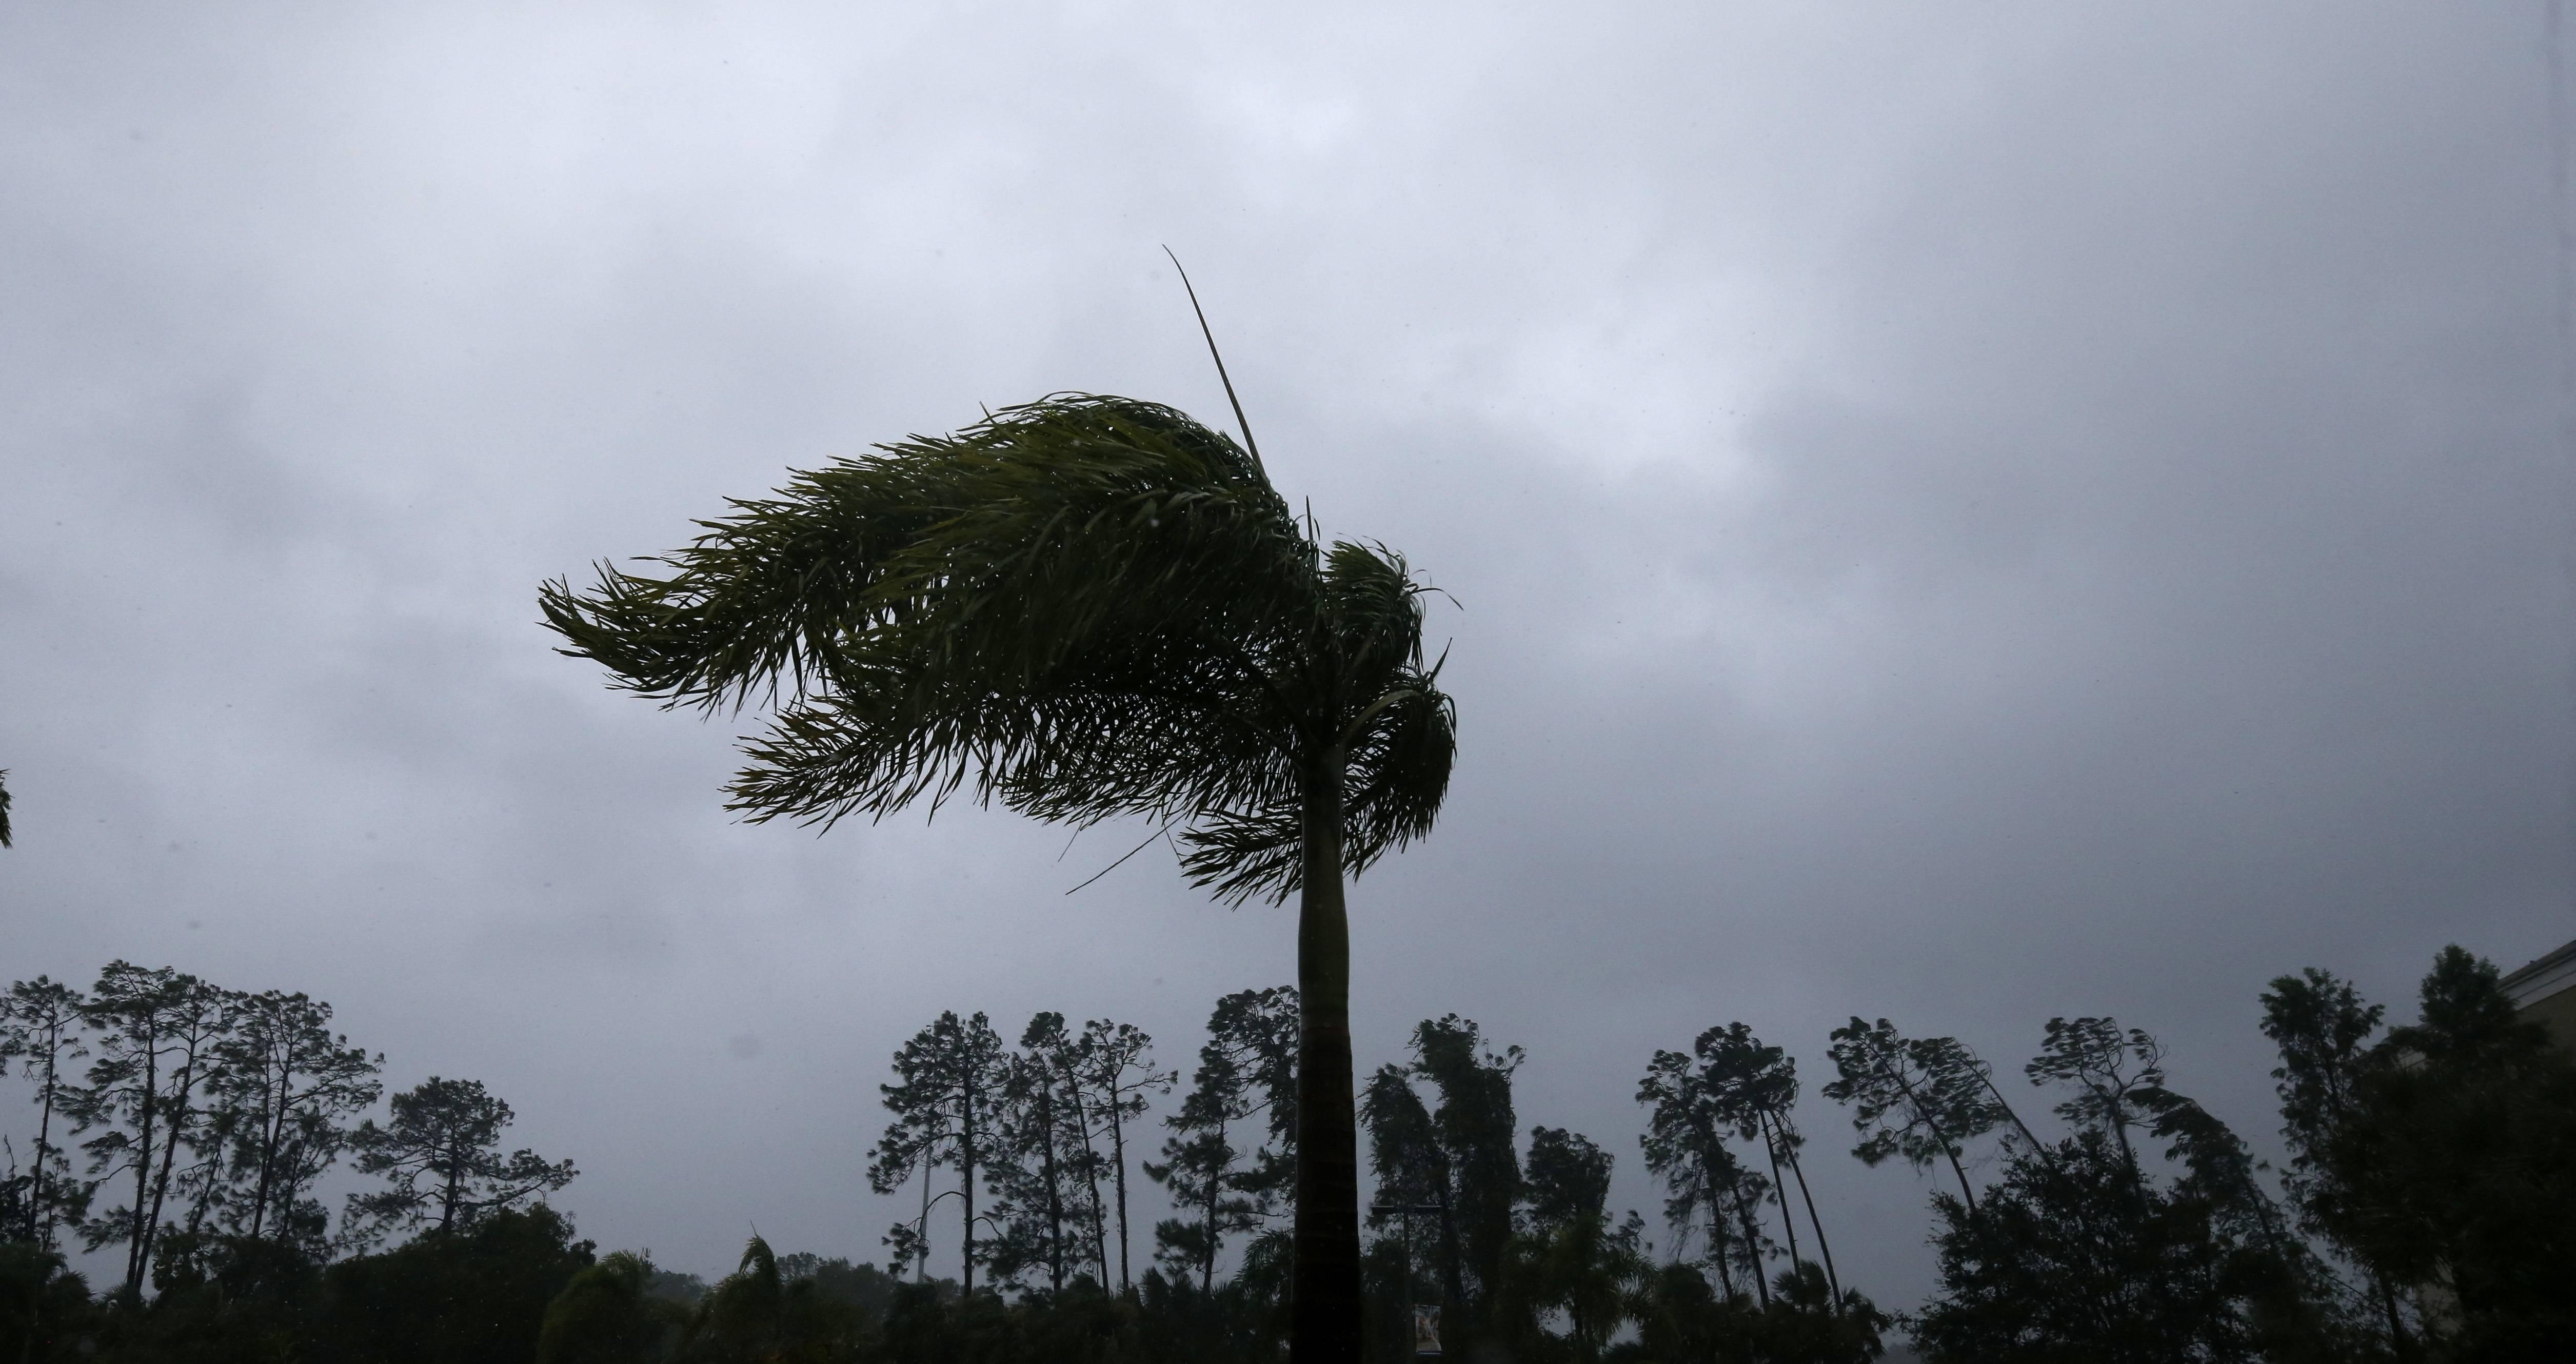 hurricaneirmapuer1-e456110532d15c5919de0ce9b3b9c3d9.jpg